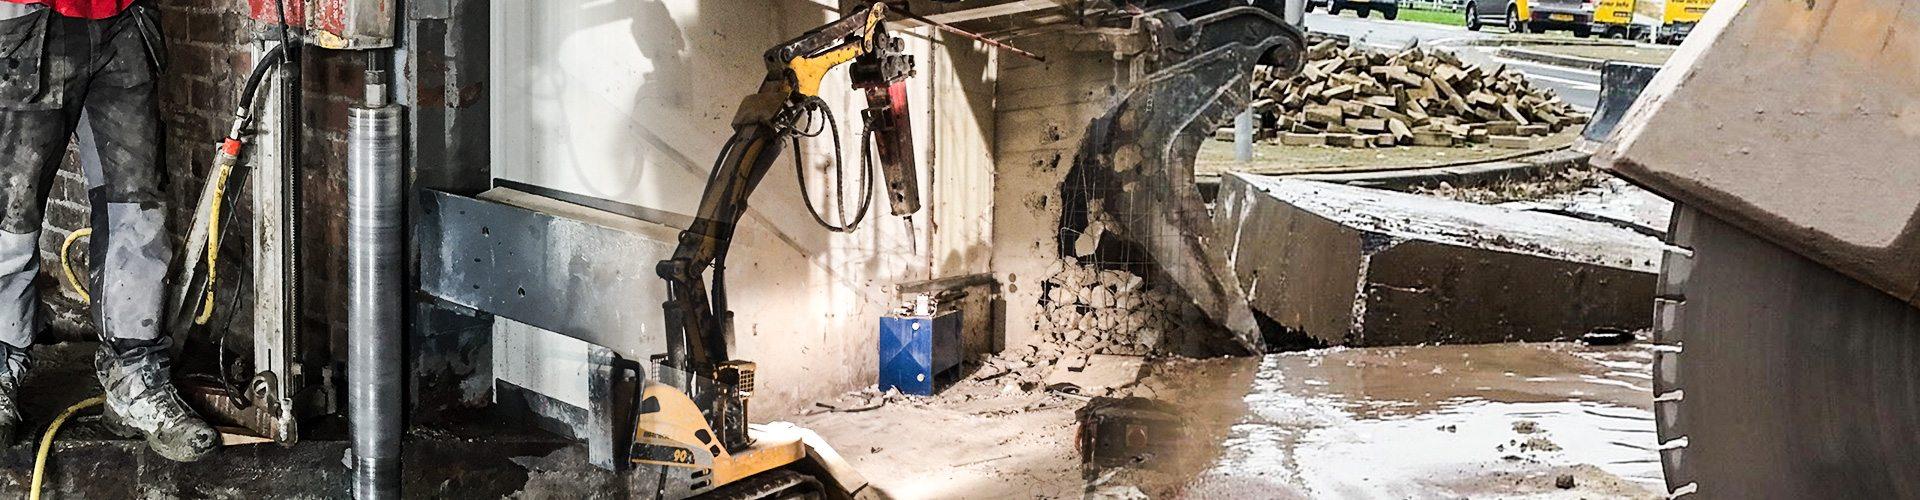 Hagoort betonboringen website slider